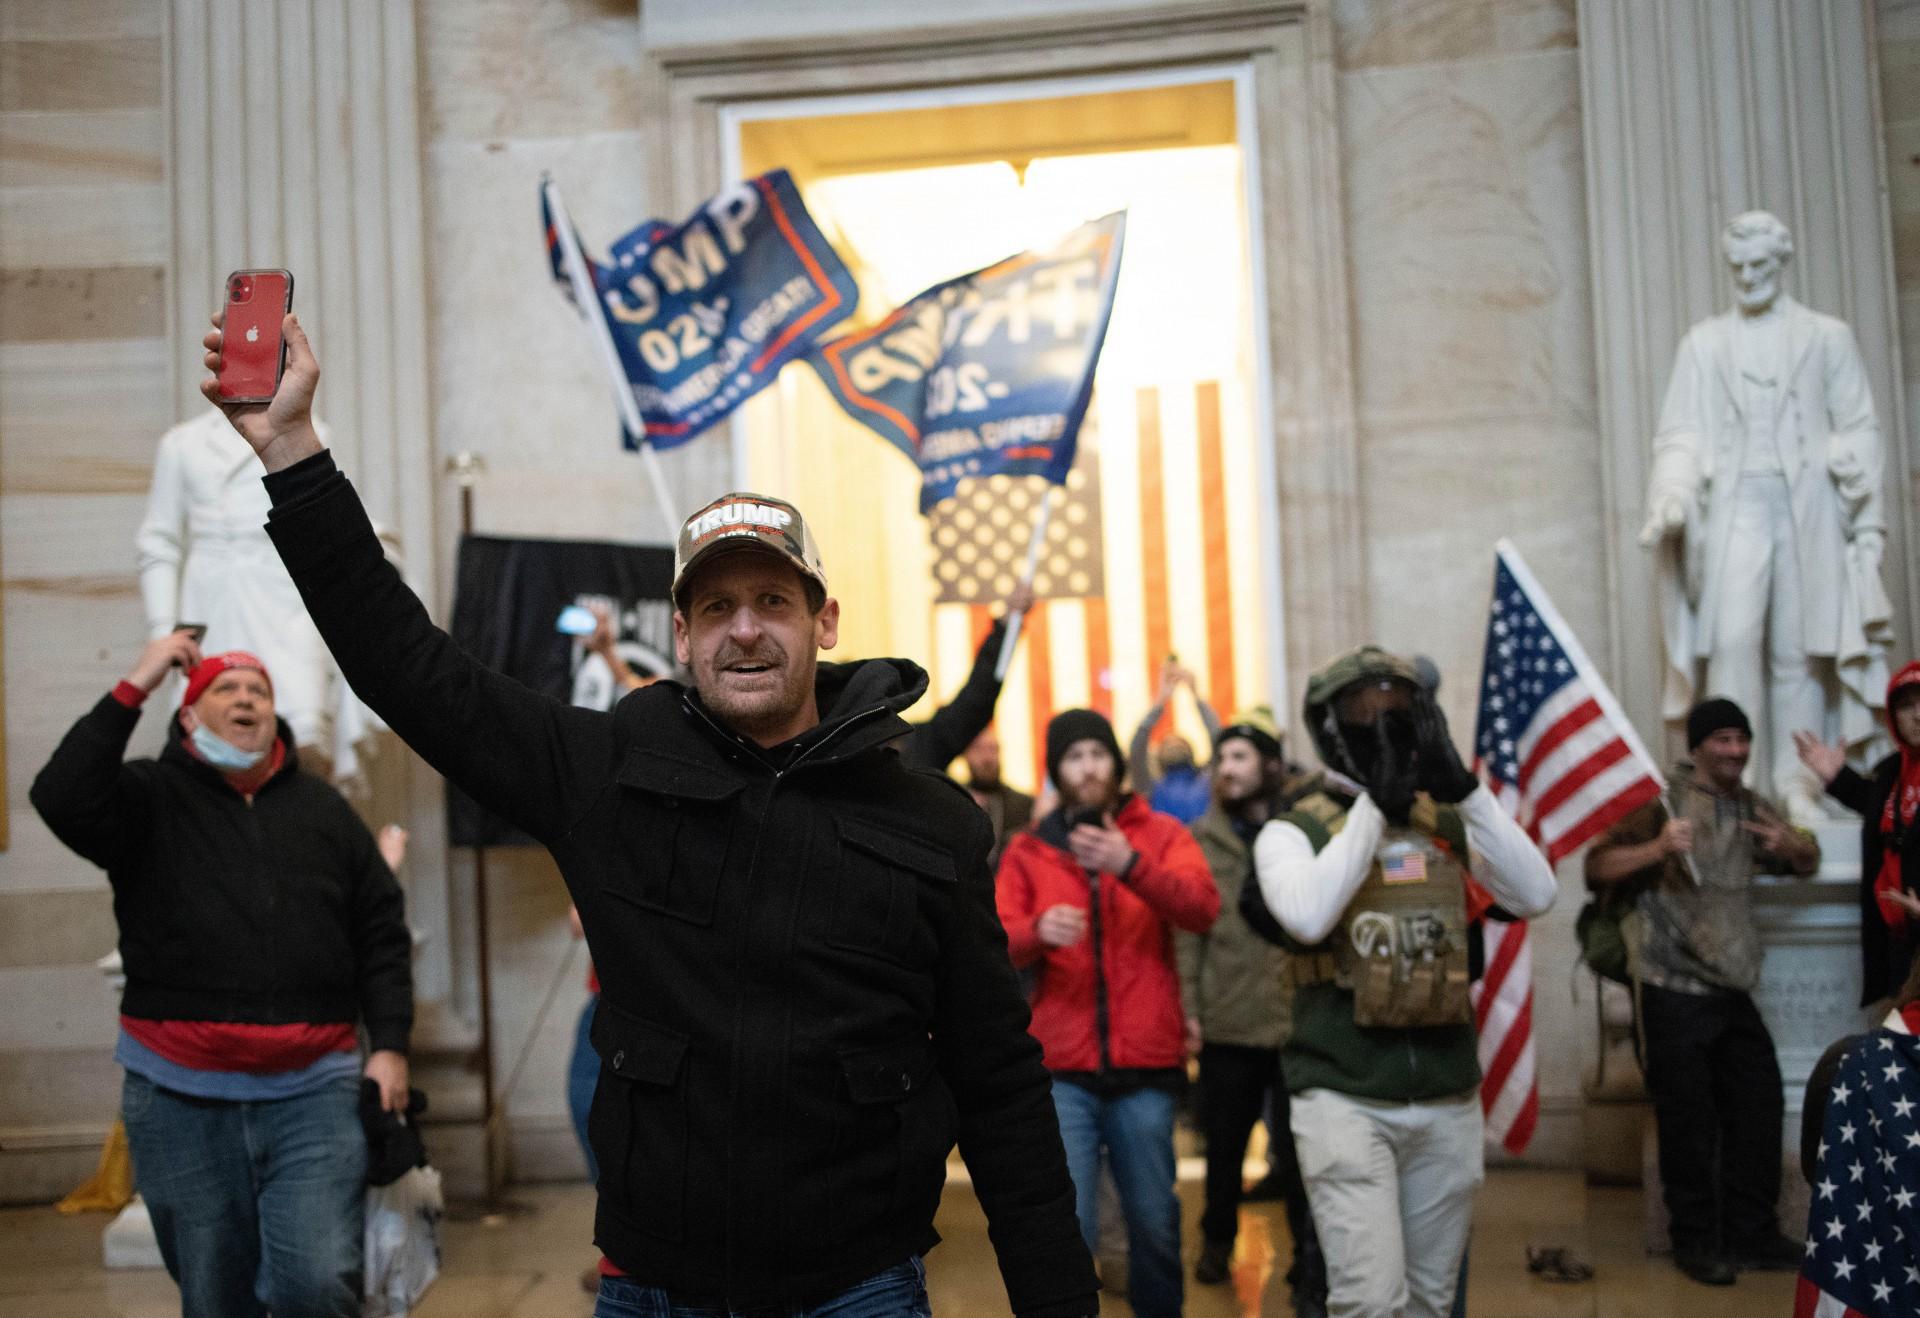 (Foto: WIN MCNAMEE / AFP)WASHINGTON, DC - 06 de janeiro: Uma multidão pró-Trump entra na Roturnda do edifício do Capitólio dos EUA em 6 de janeiro de 2021 em Washington, DC. O Congresso realizou uma sessão conjunta hoje para ratificar a vitória do Colégio Eleitoral 306-232 do presidente eleito Joe Biden sobre o presidente Donald Trump. Um grupo de senadores republicanos disse que rejeitaria os votos do Colégio Eleitoral de vários estados, a menos que o Congresso designasse uma comissão para auditar os resultados das eleições. Win McNamee / Getty Images / AFP